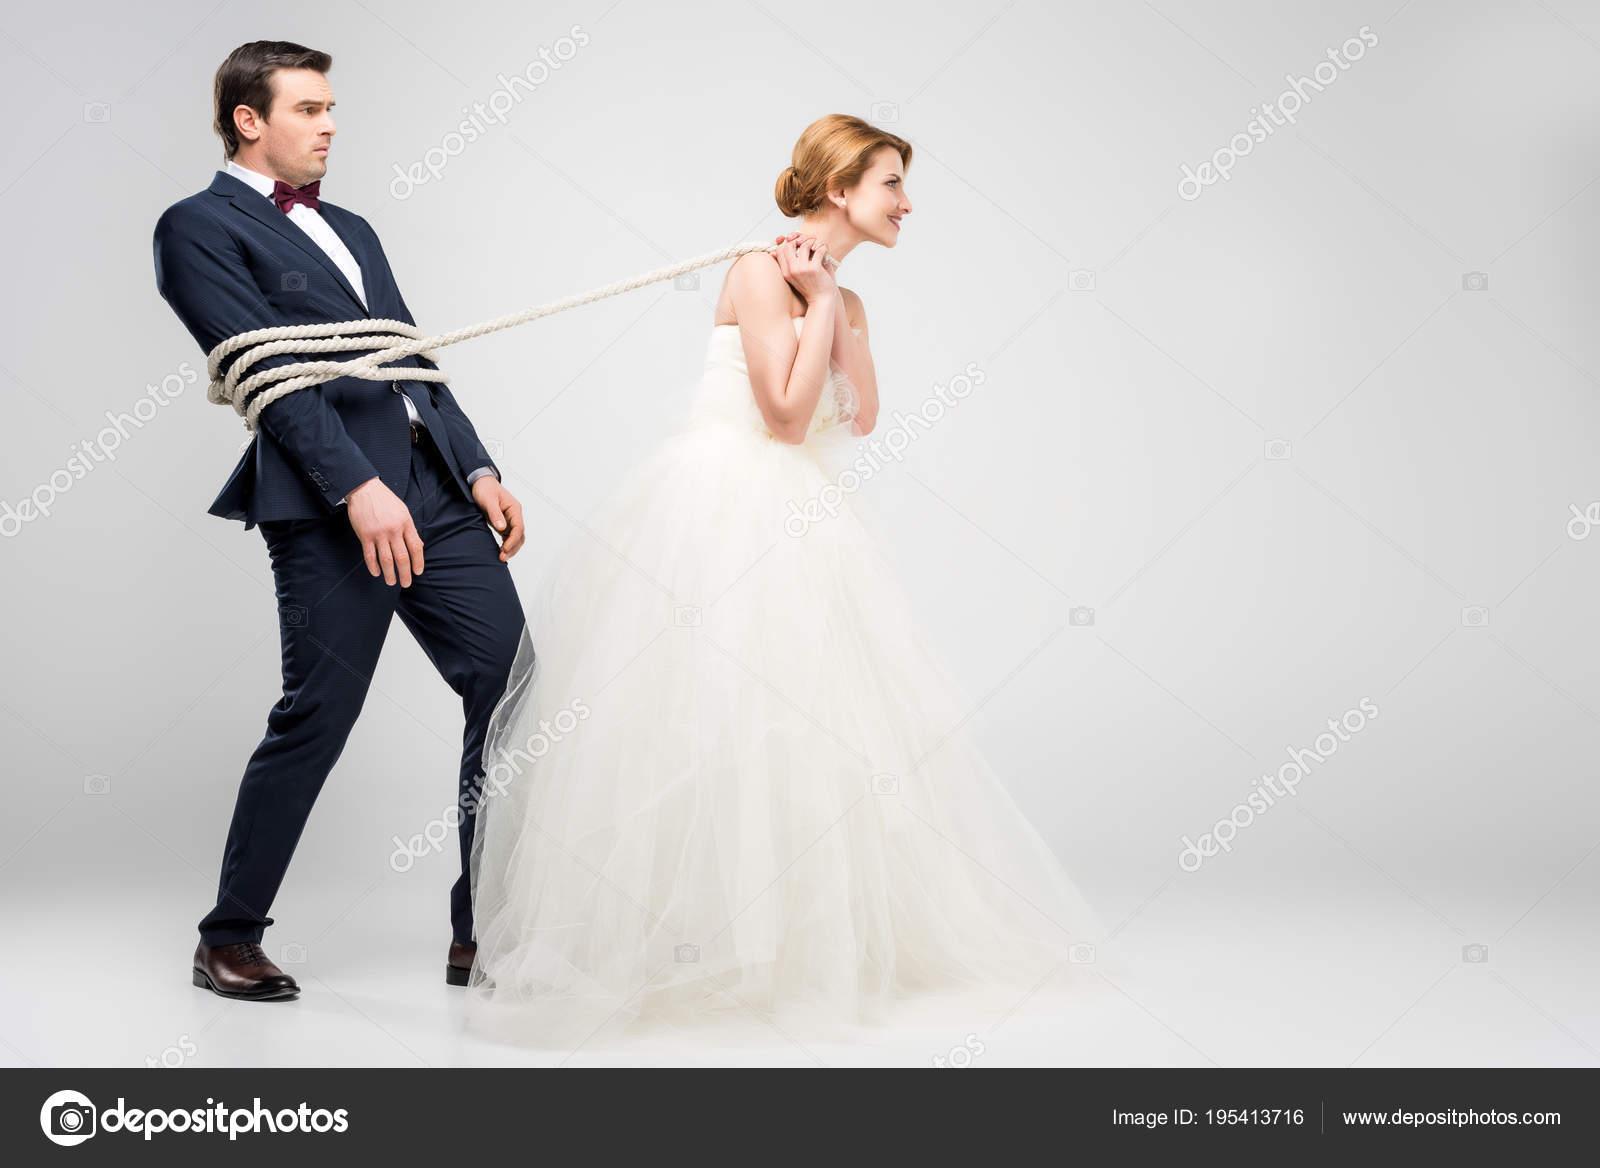 Vestidos de novia y el novio